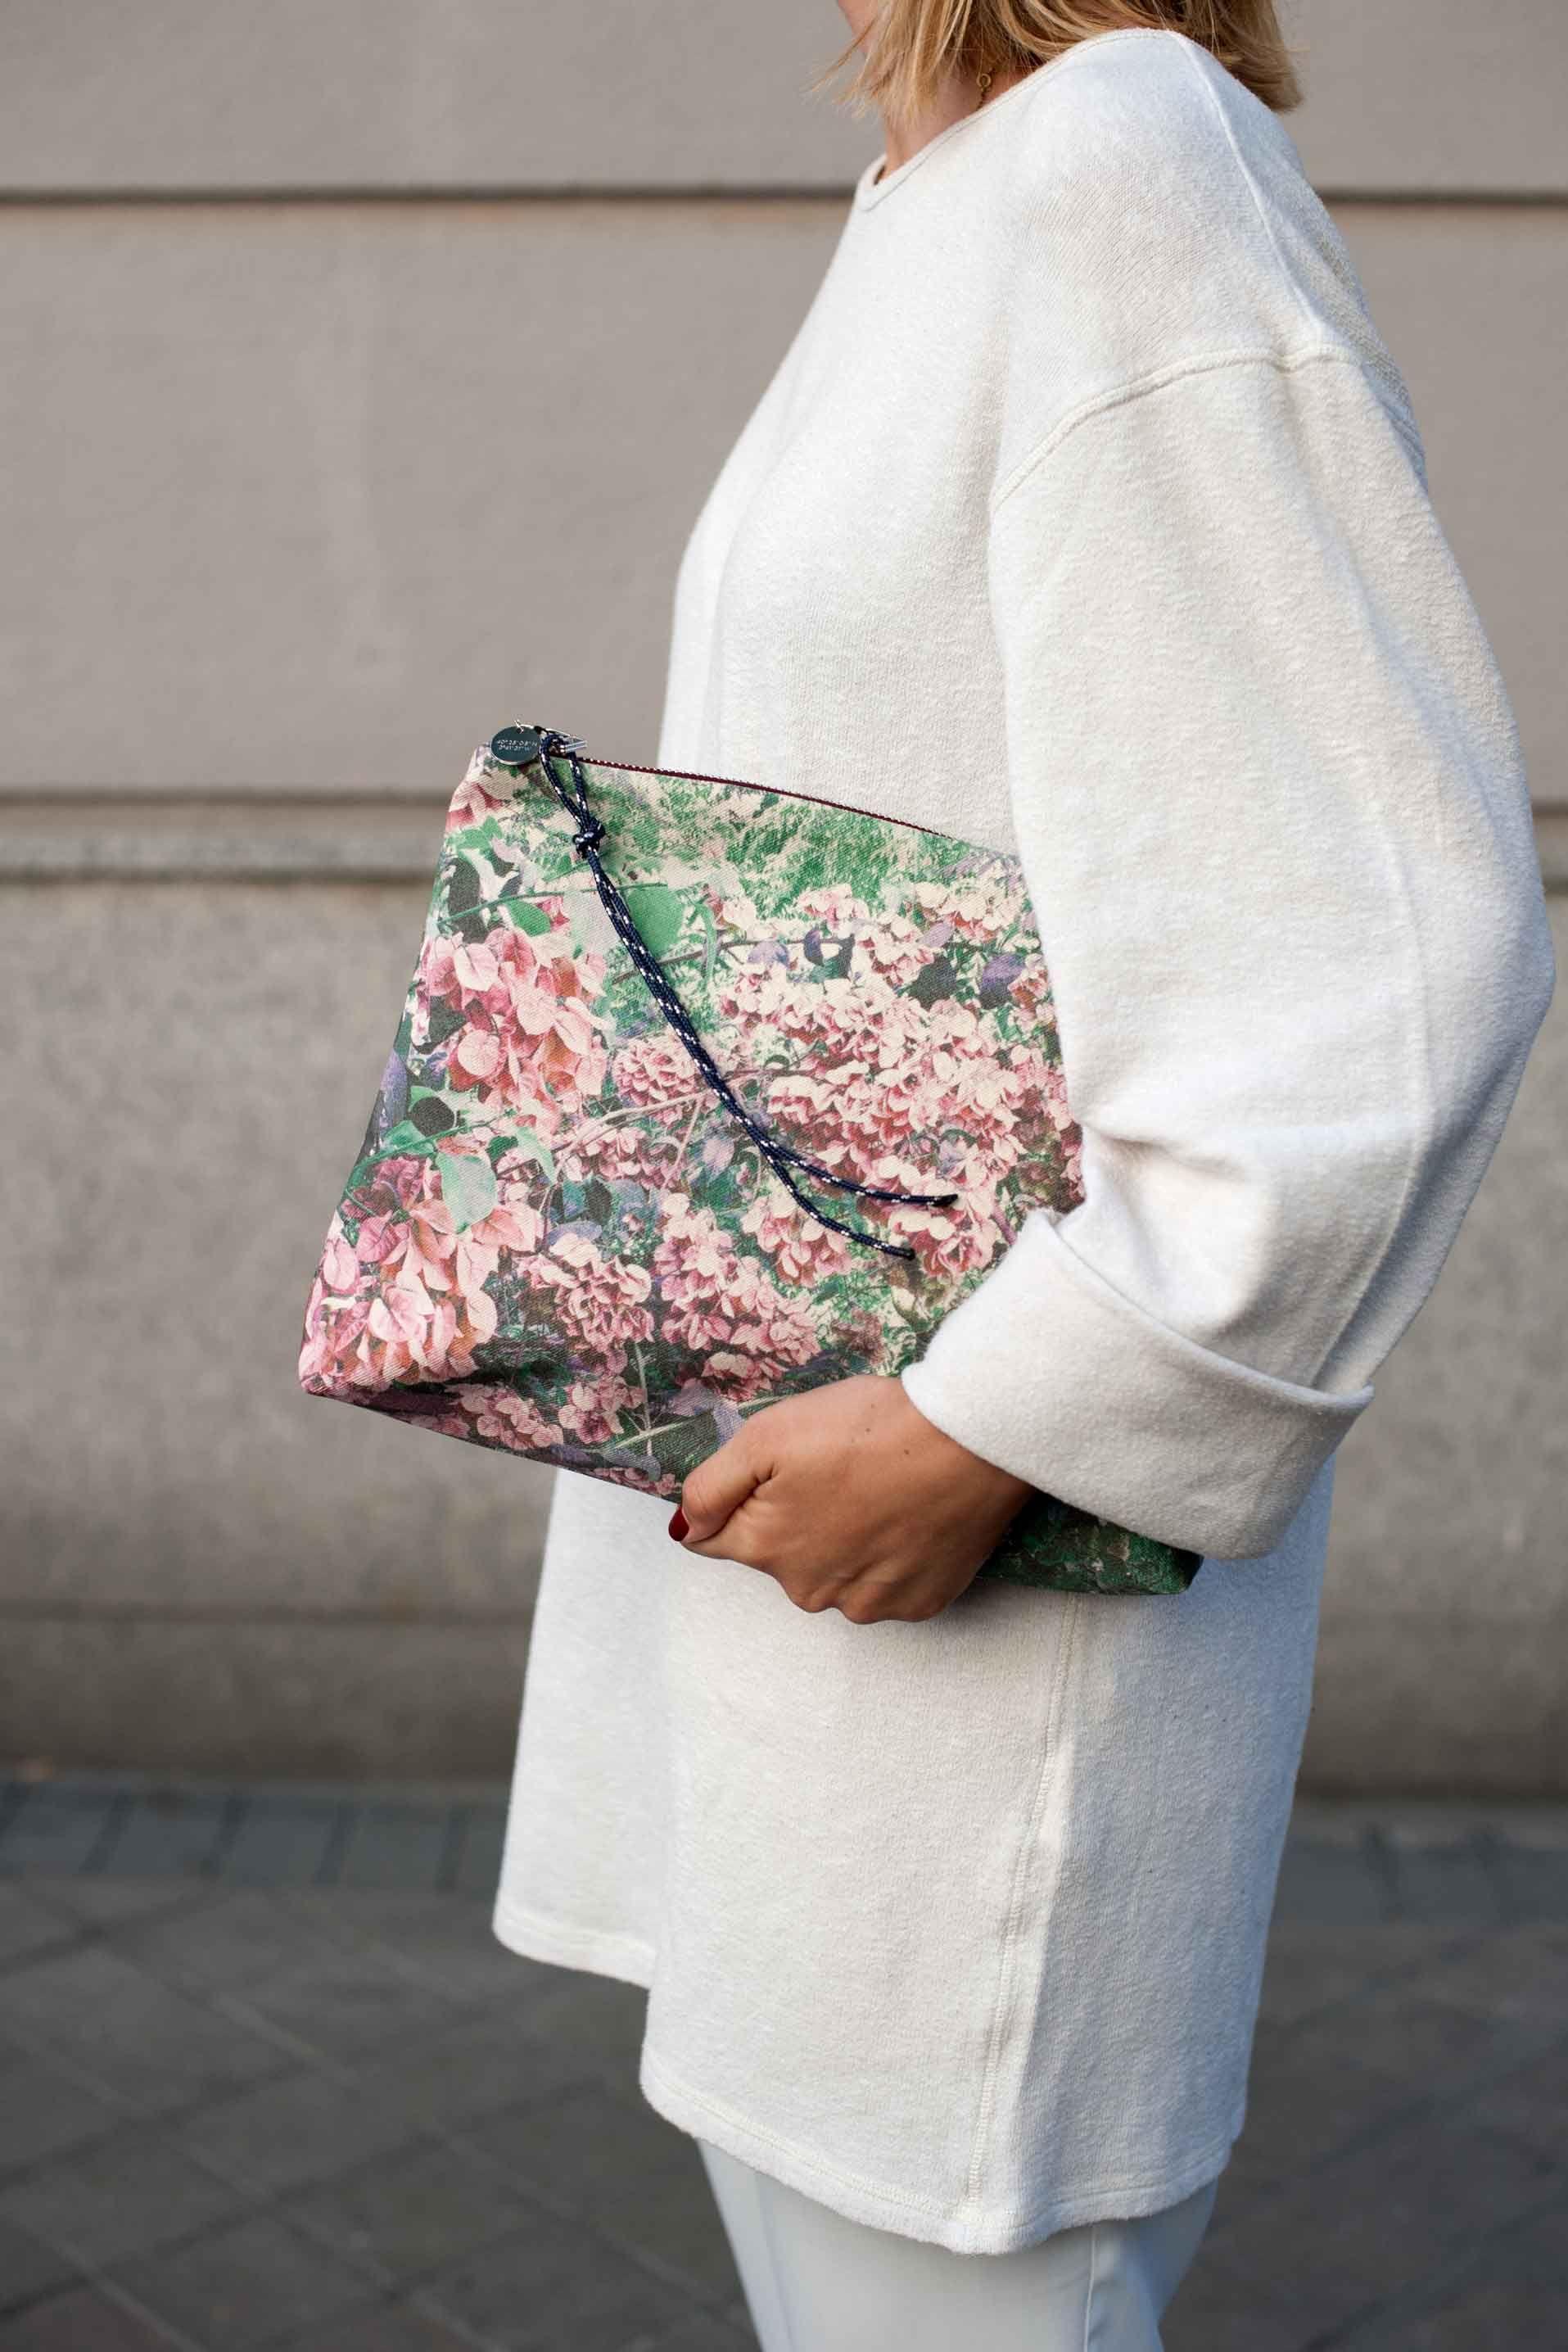 eb3090ae0 Pouch, bolso de mano, de algodón estampado Dalmatia. Hecho en España.  Envíos 24-48h - ZUBI